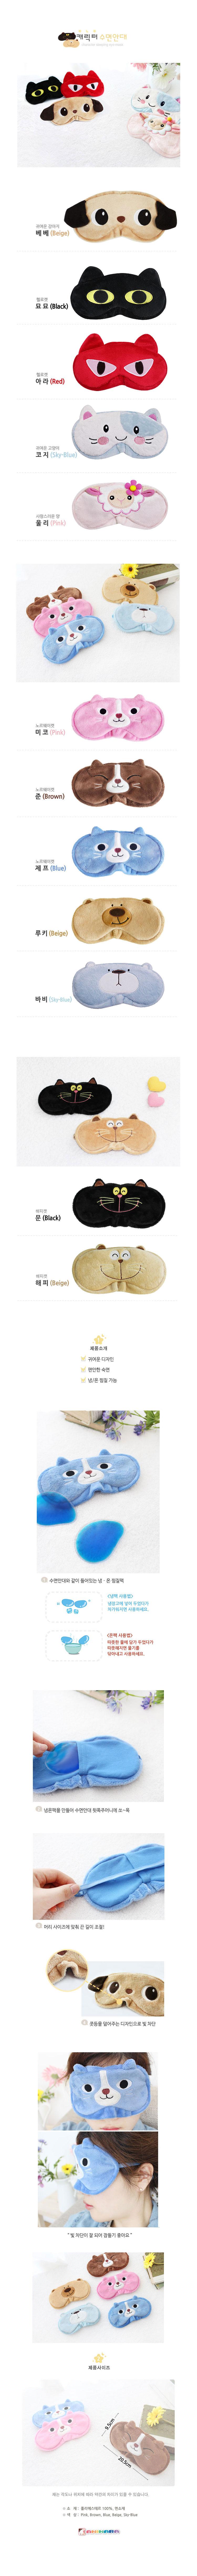 캐릭터 수면안대 - 애니나라, 8,000원, 편의용품, 목쿠션/안대/슬리퍼